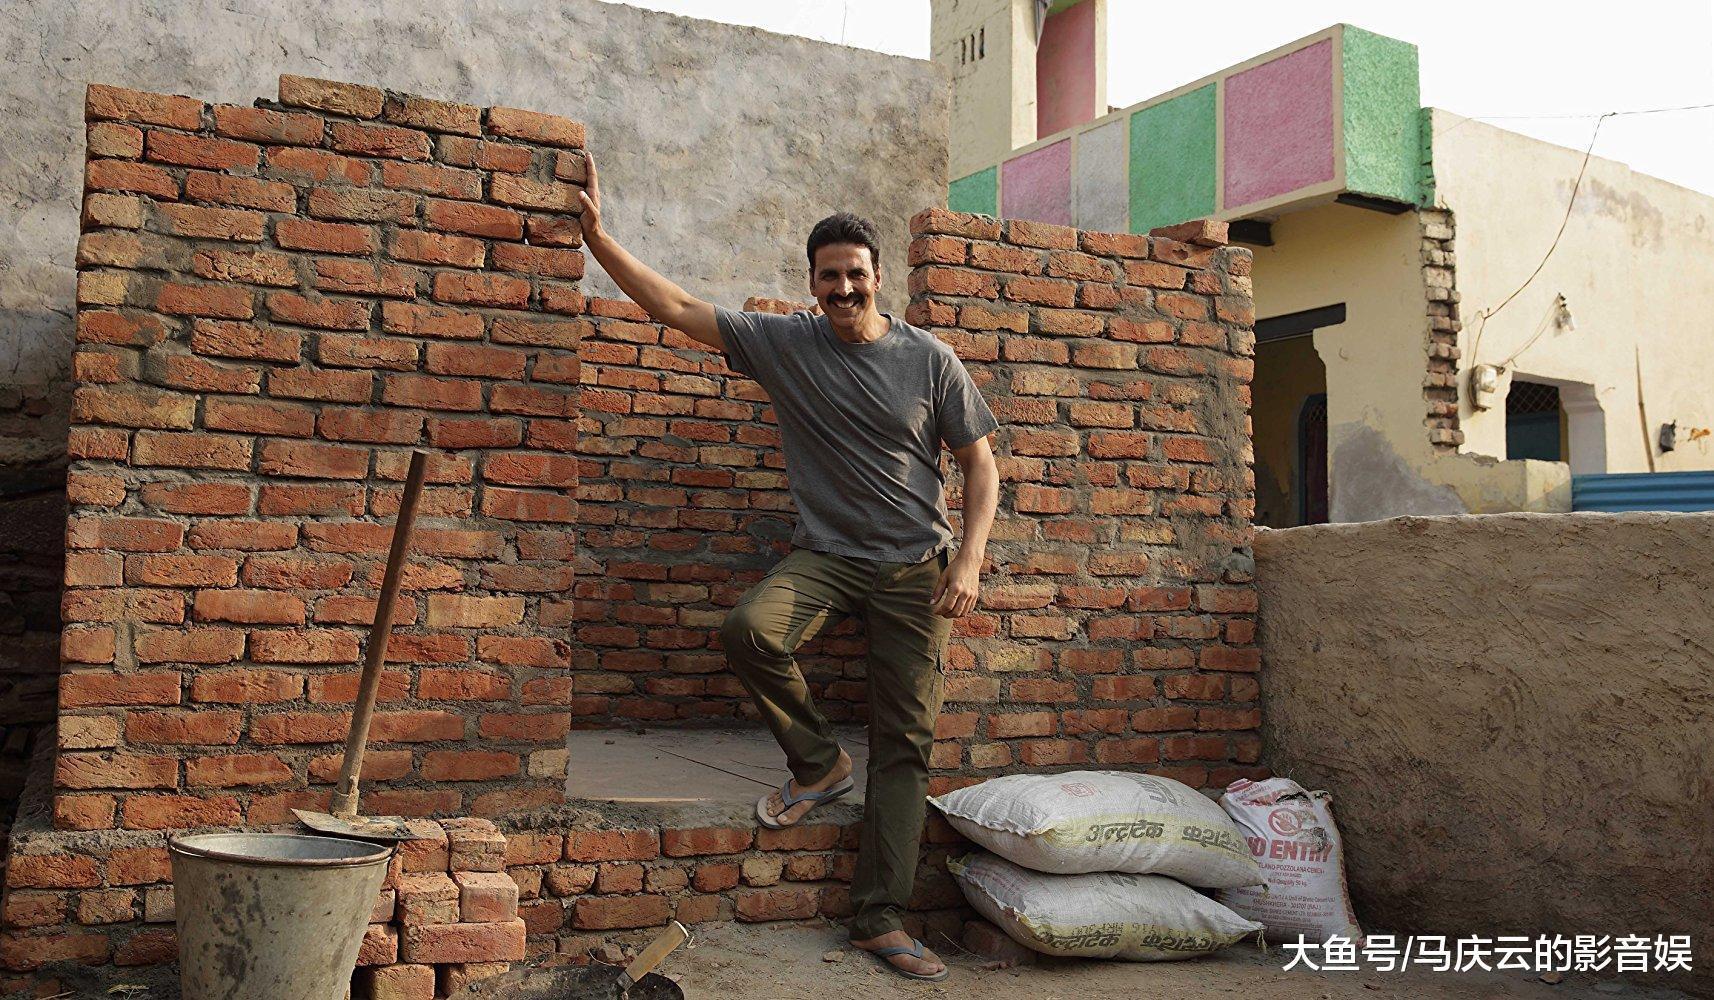 比《厕所英雄》印度厕所更肮脏的, 是中国的彩礼与婚闹儿传统